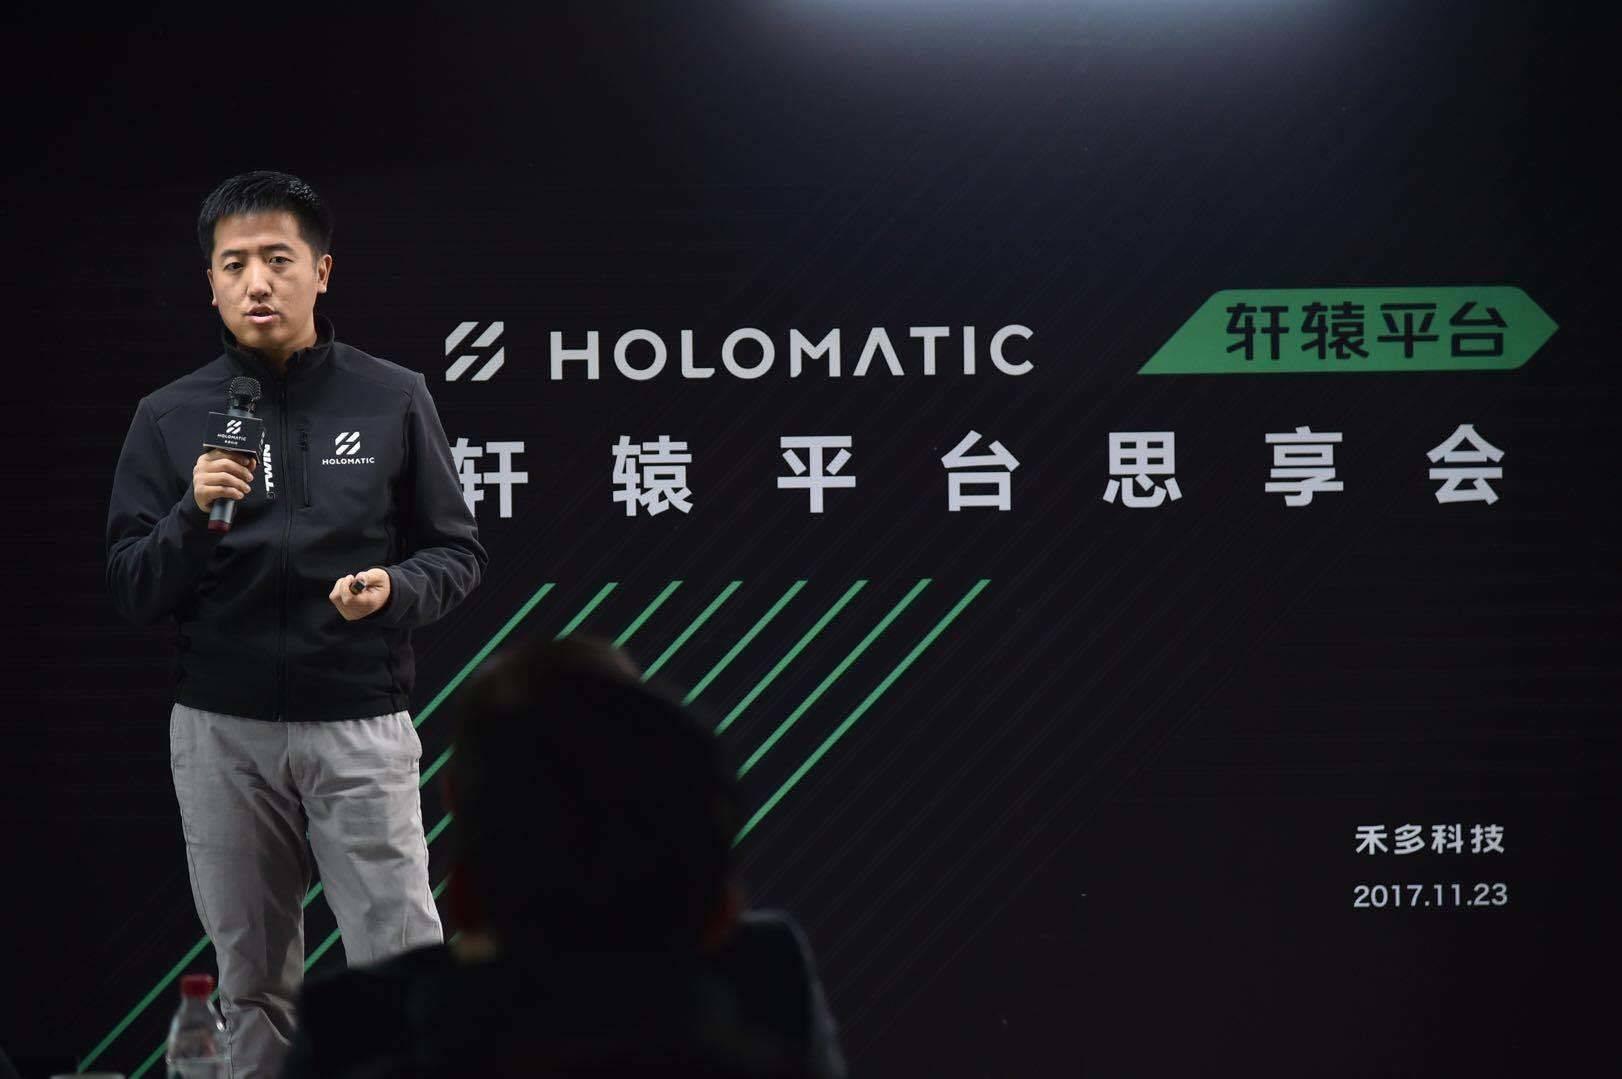 禾多科技发布横跨软硬件领域的自动驾驶研发平台轩辕...